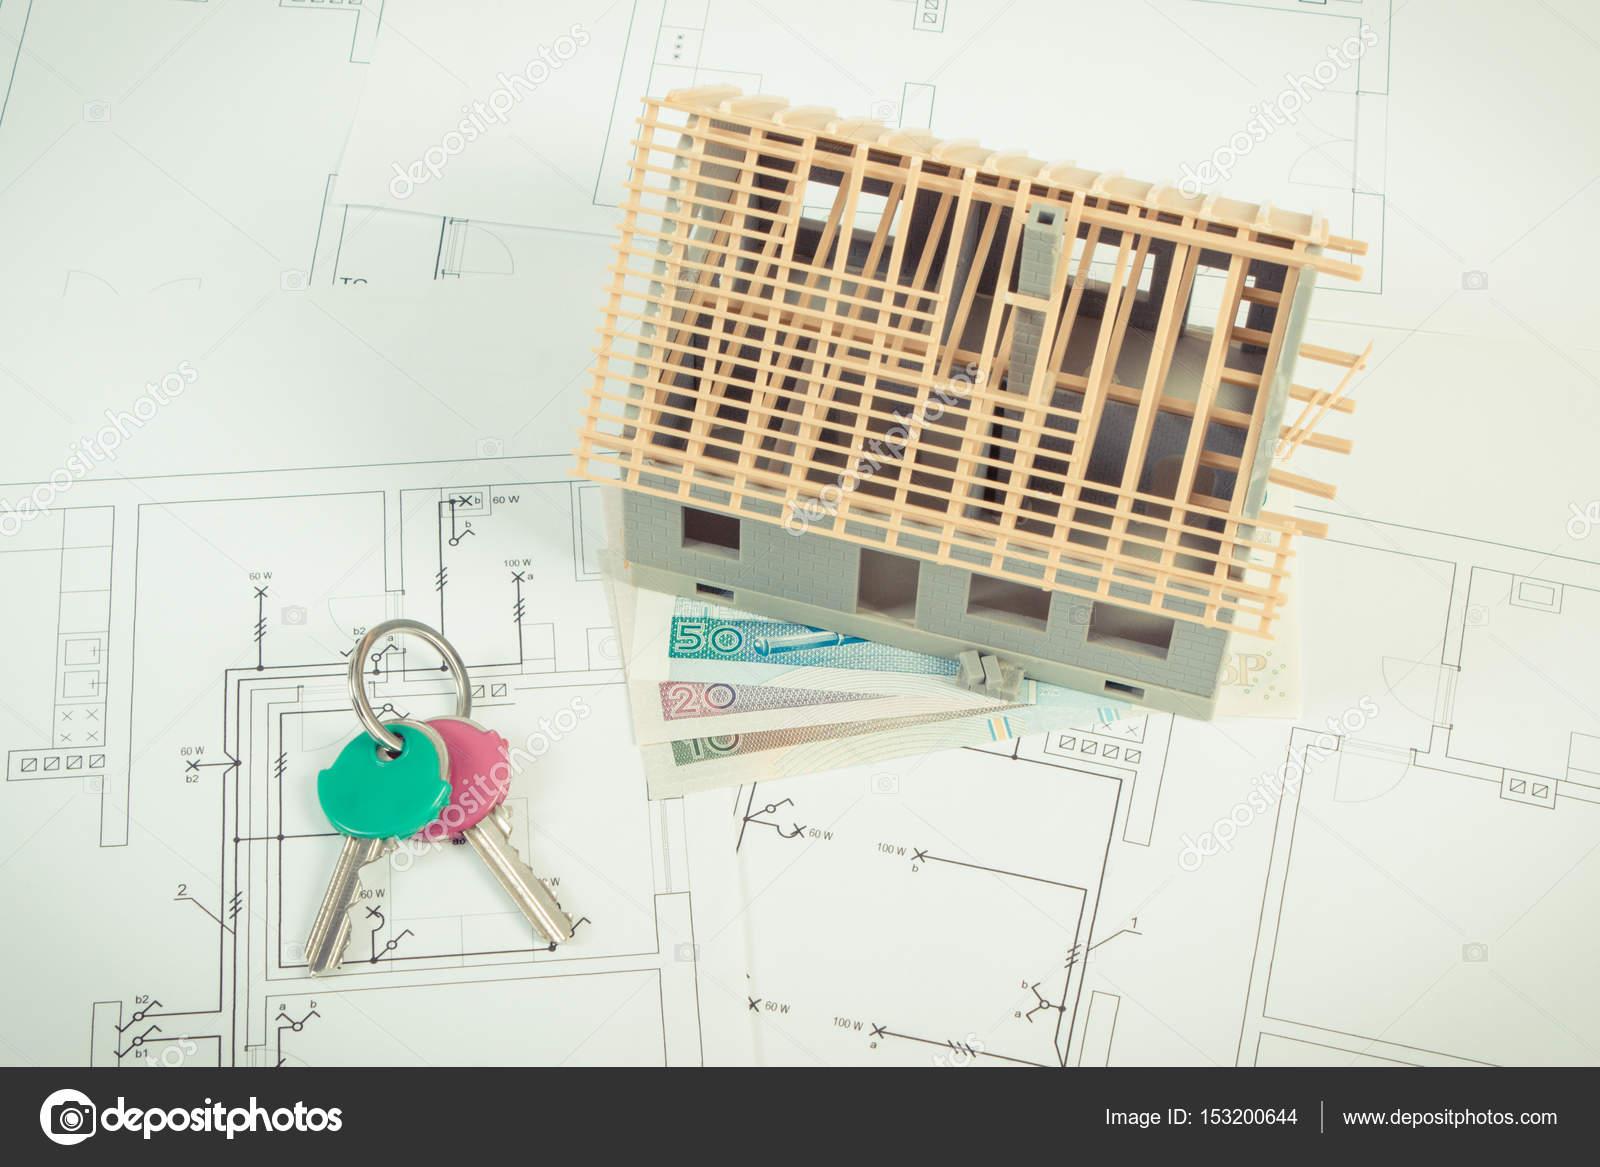 Casa in costruzione polacco valuta i soldi e le chiavi su - Costo progetto casa ...